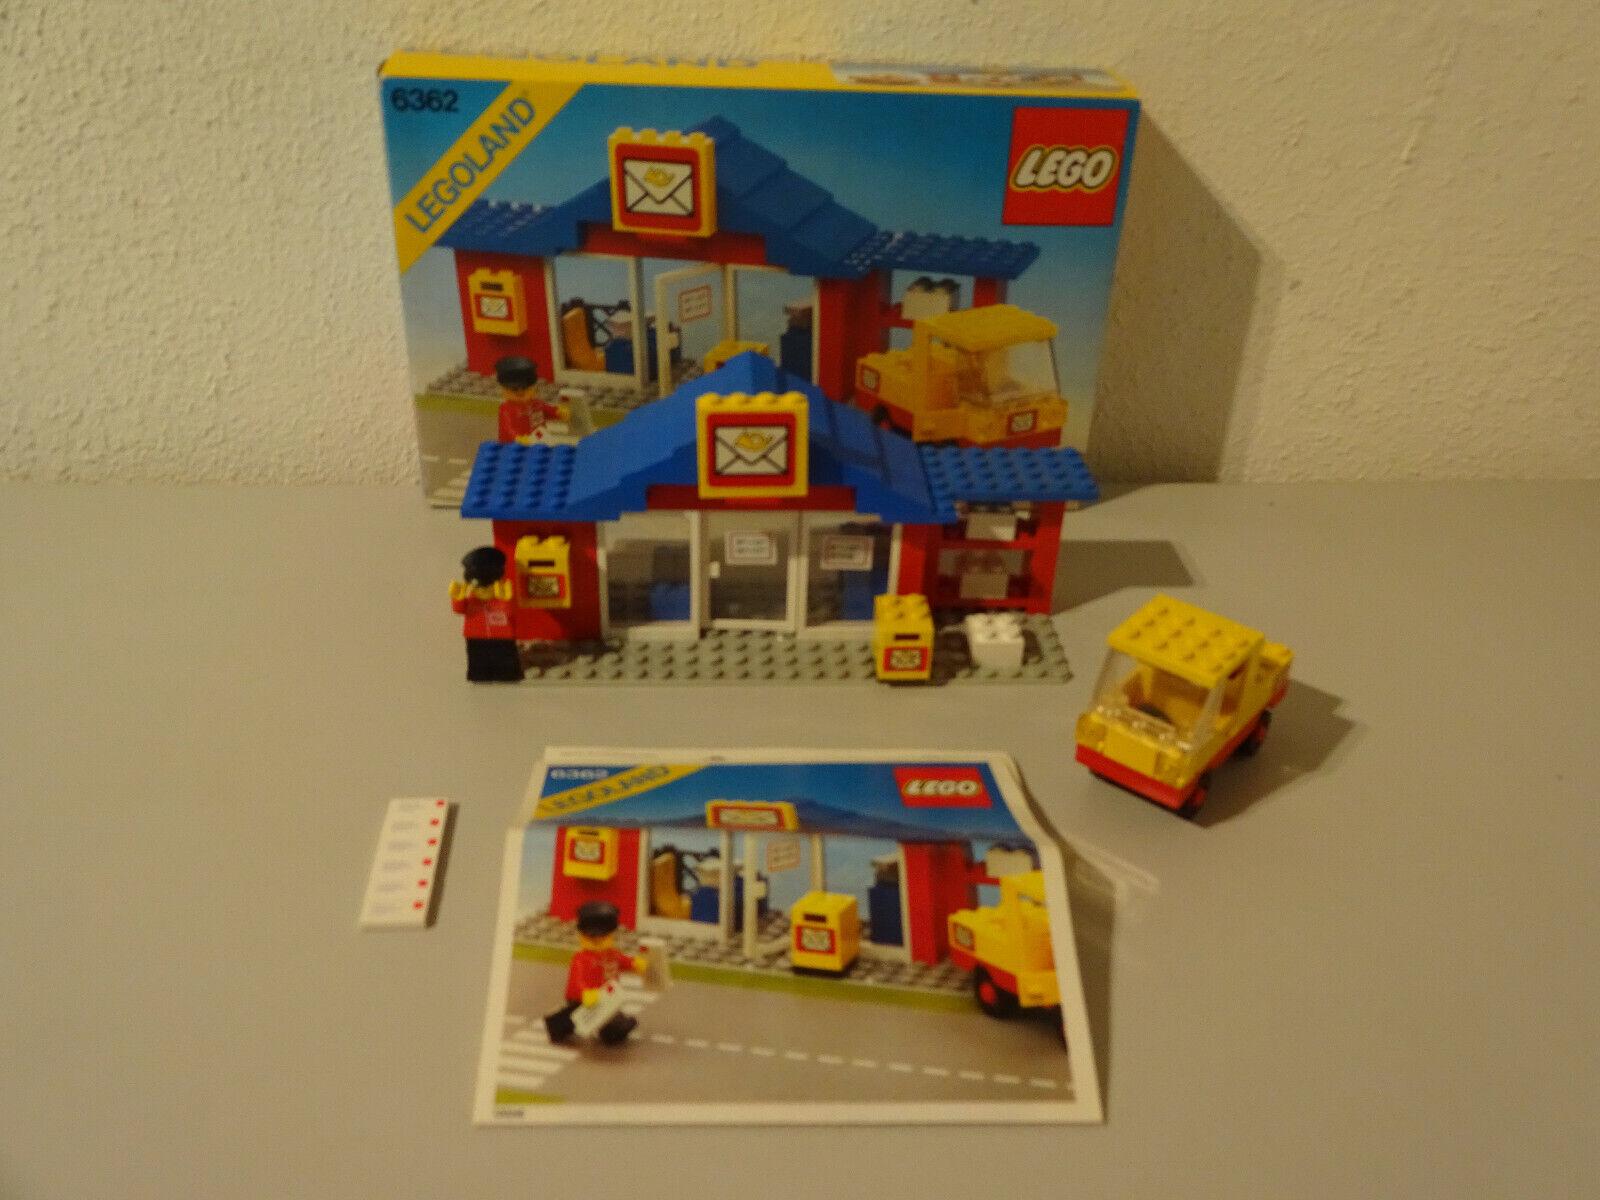 (TB) Legole 6362 ufficio postale posta con OVP & BA  100% COMPLETO USATO RARO  economico e di alta qualità